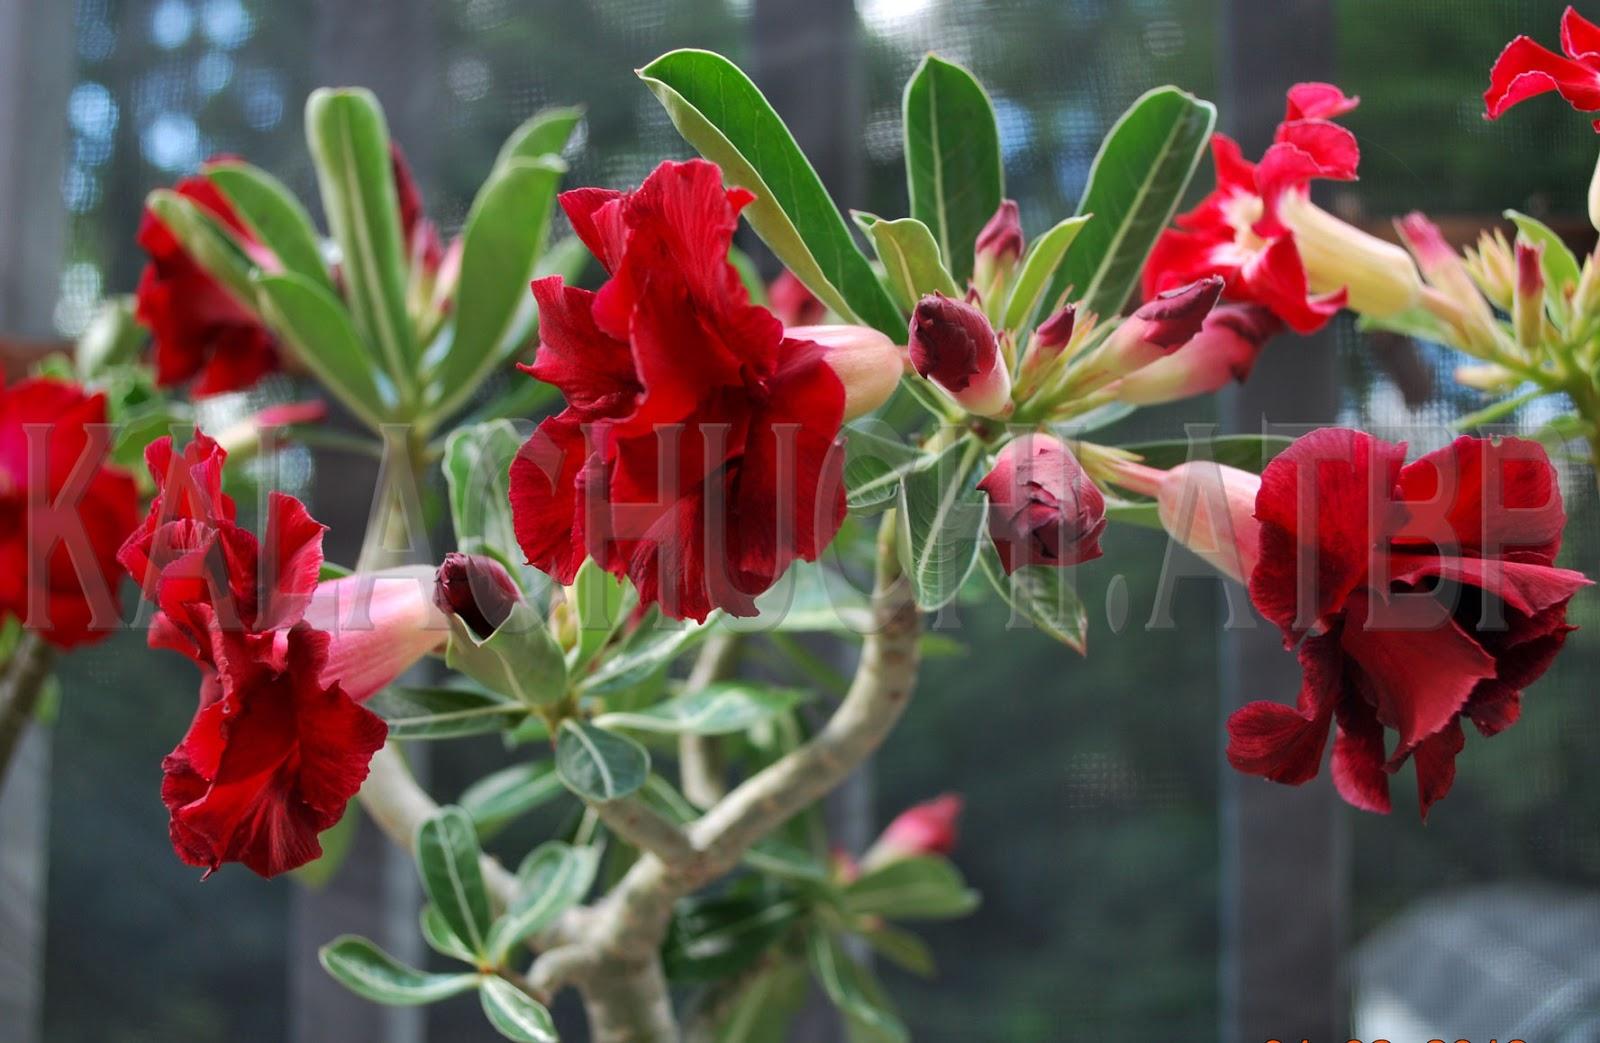 Kalachuchi Atbp: Adeniums Blooming (2016)...with Autumn ...